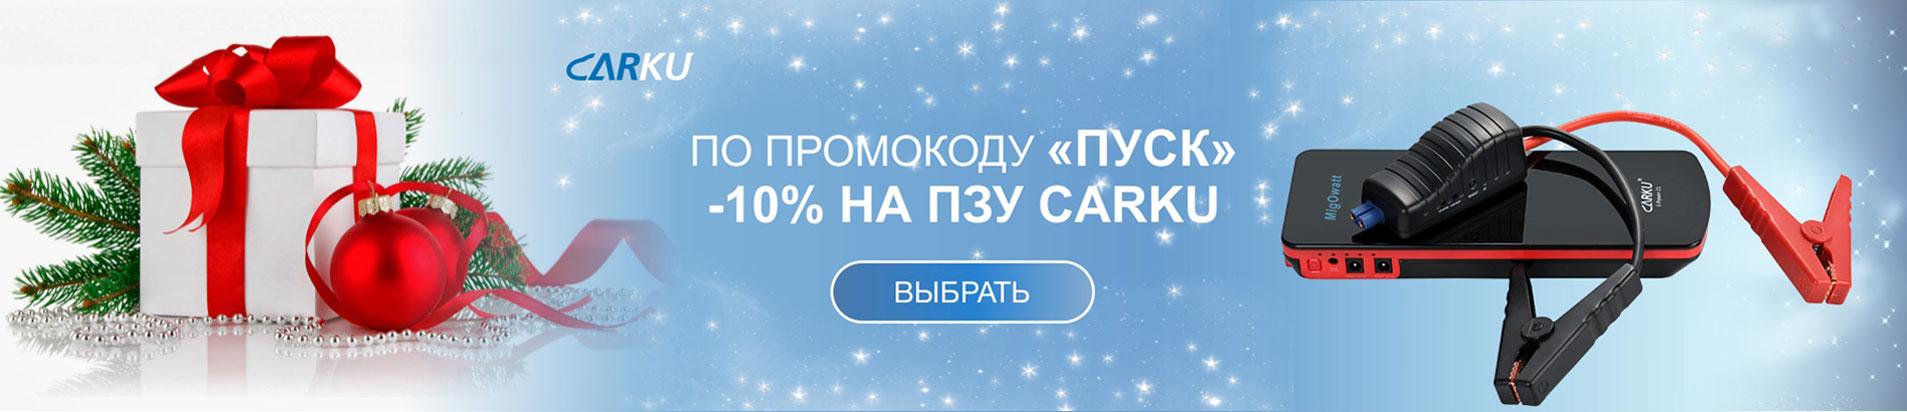 -10 на ПЗУ Carku